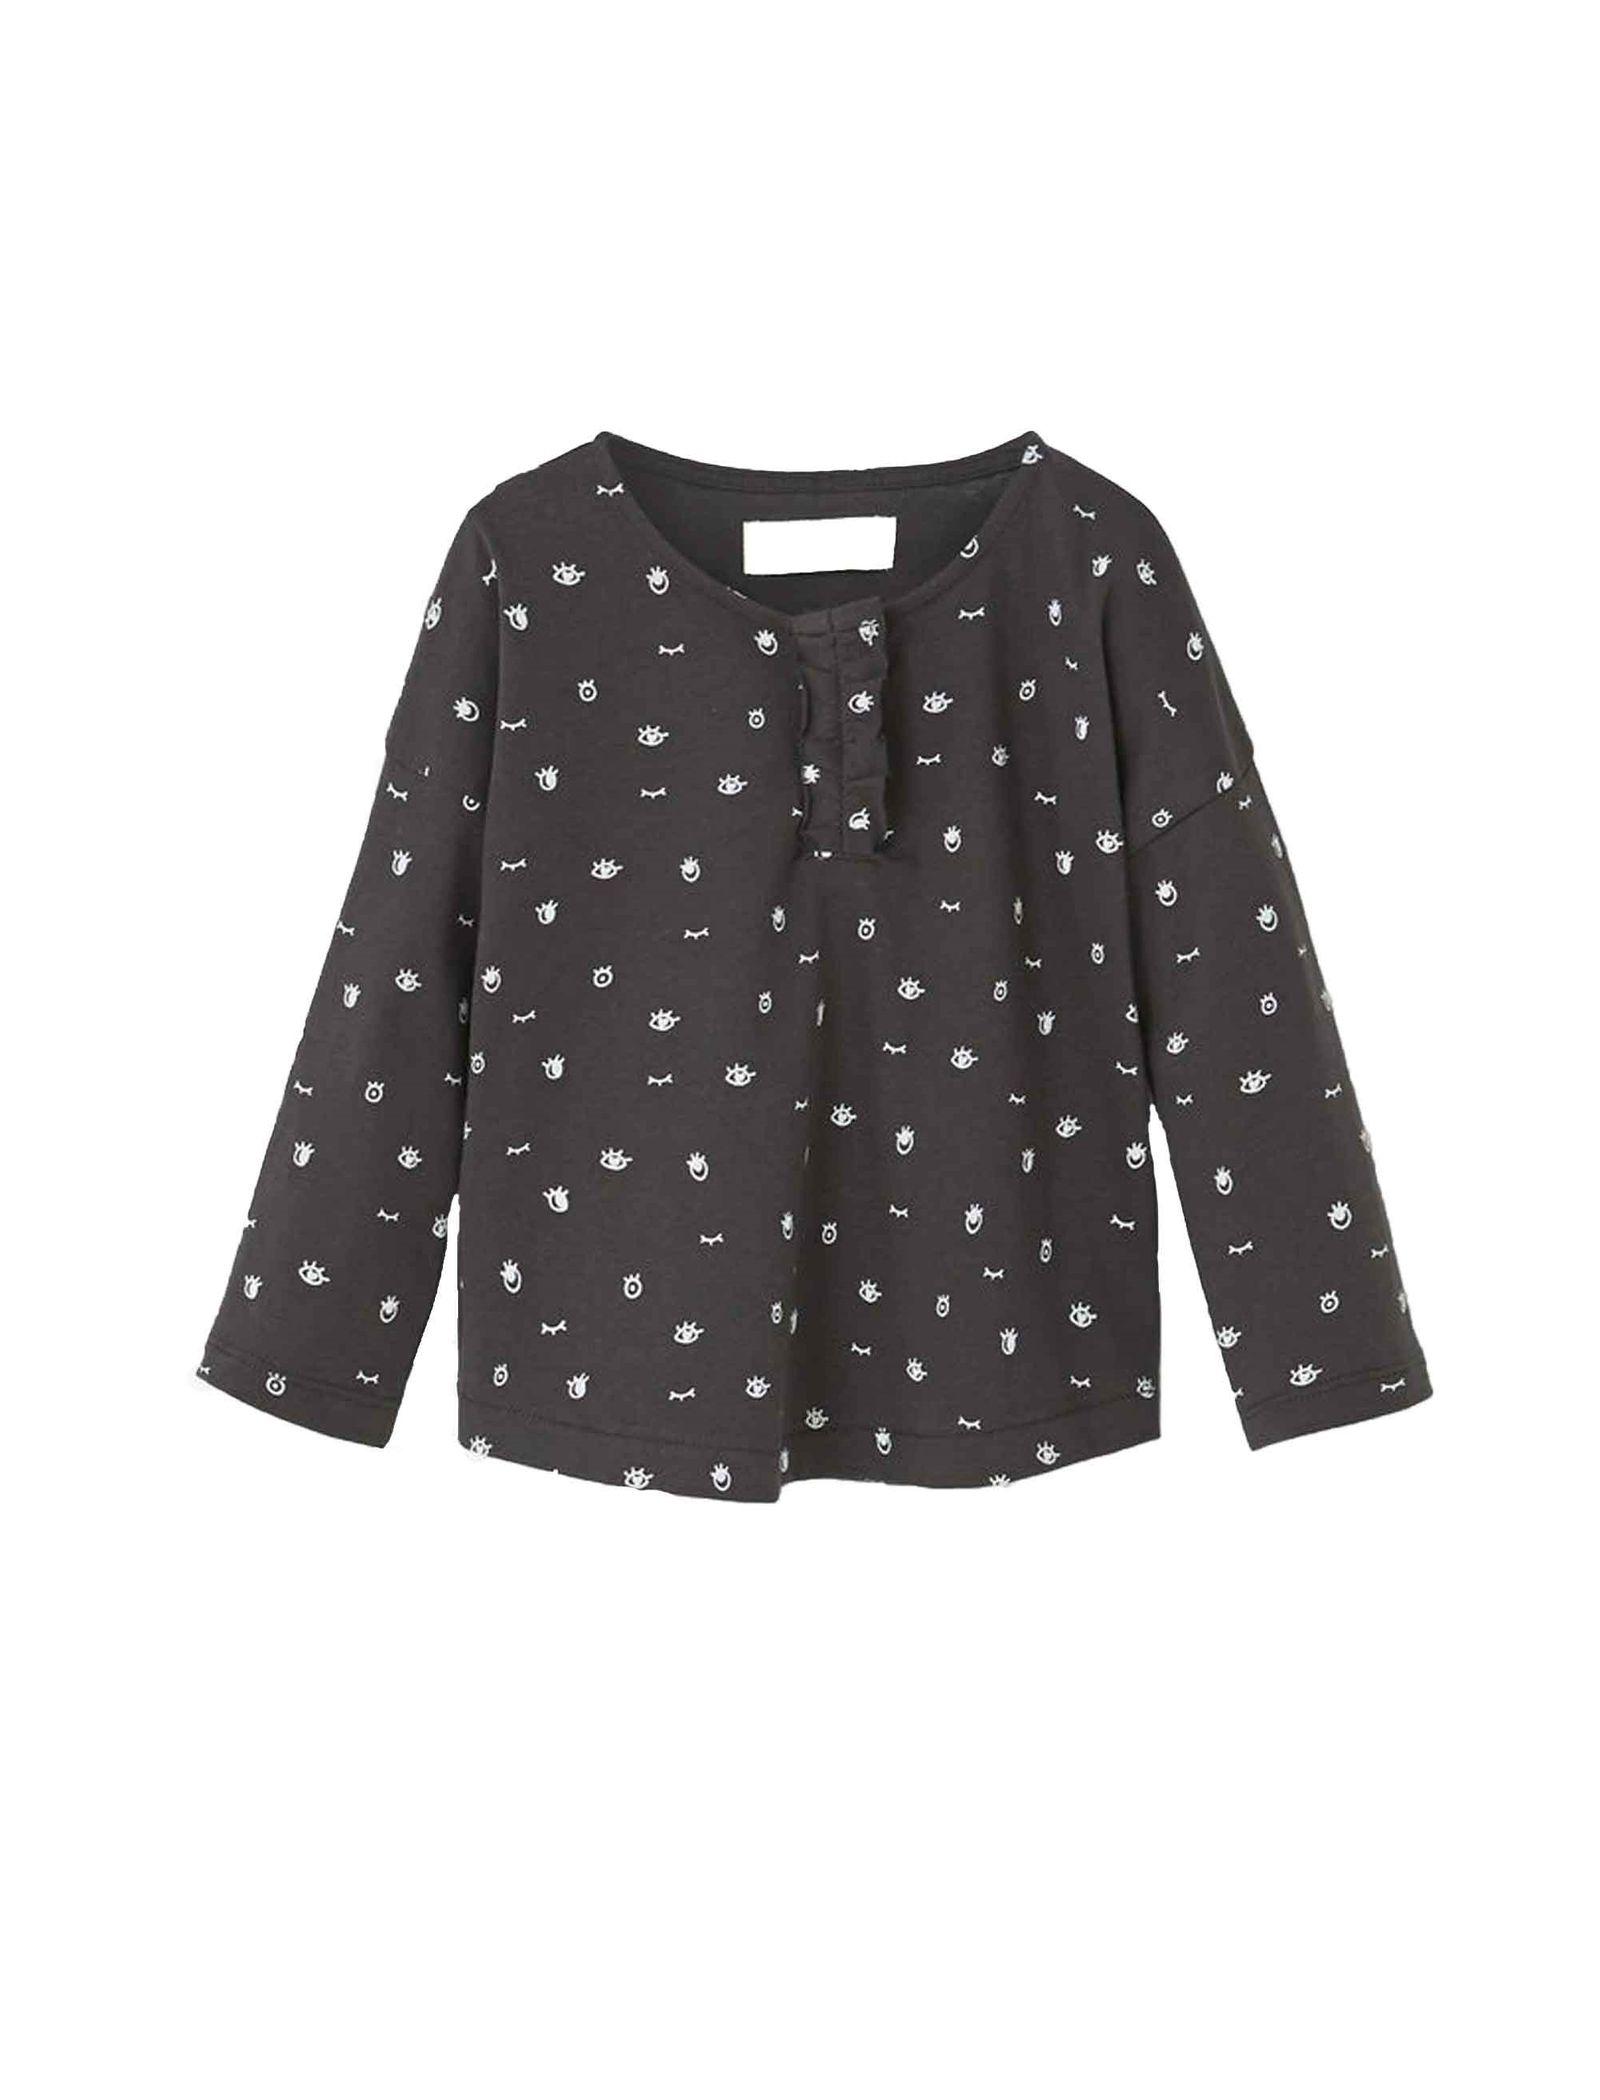 تی شرت نخی آستین بلند نوزادی دخترانه - مانگو - زغالي - 1